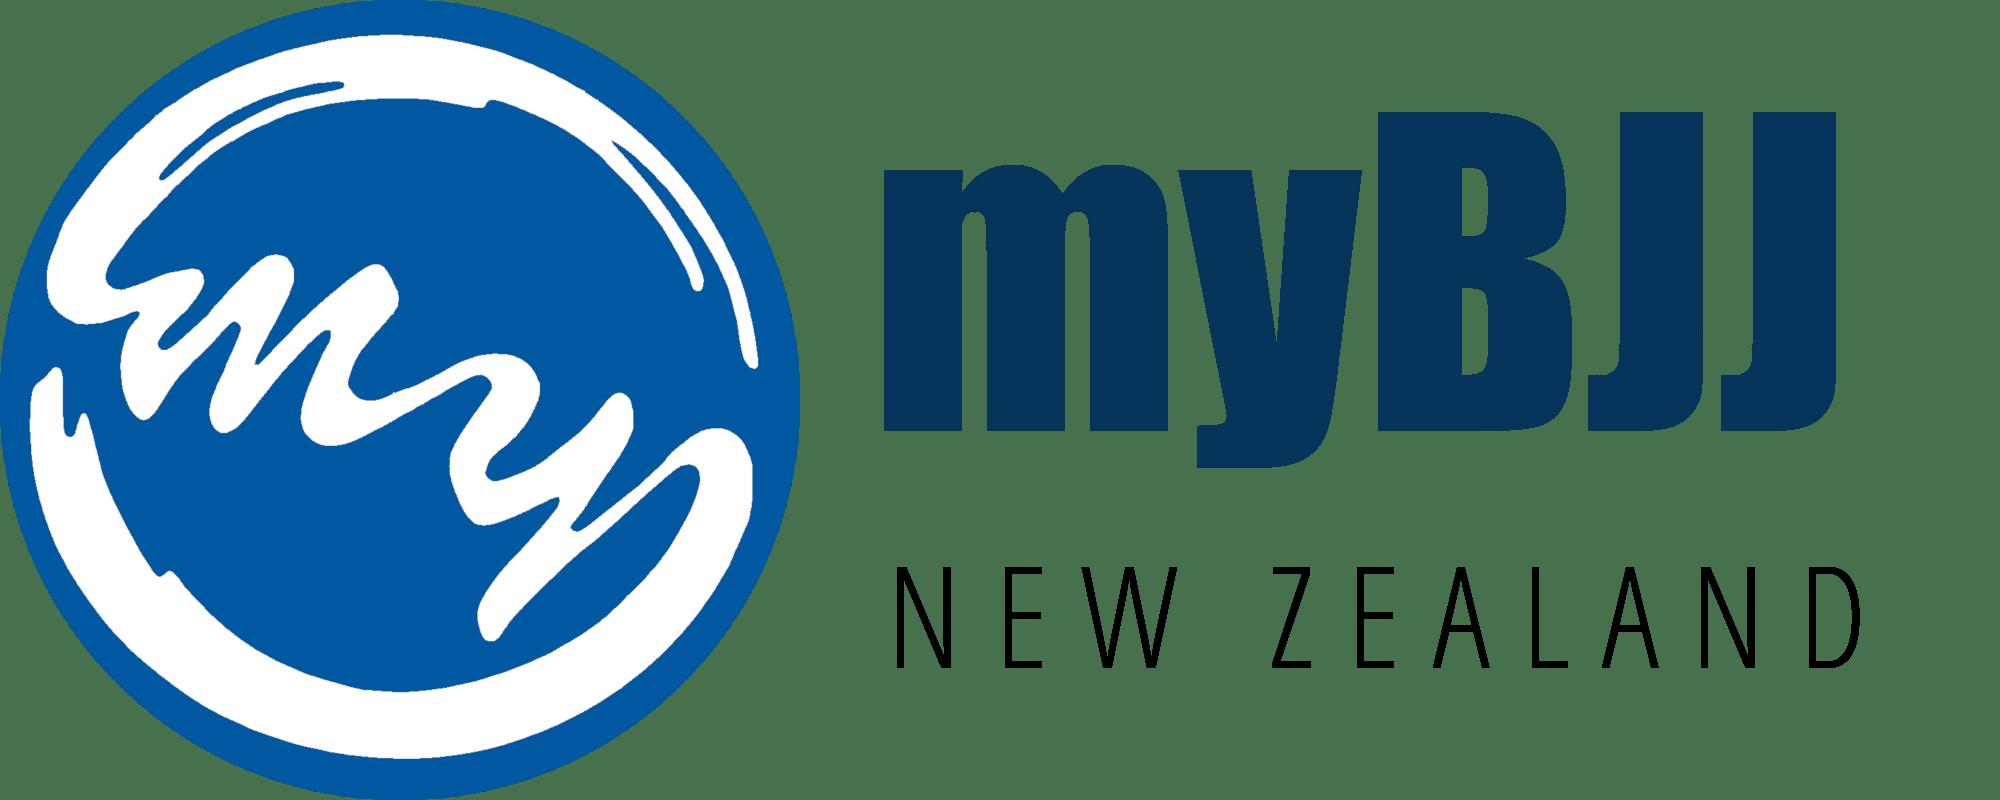 myBJJ New Zealand